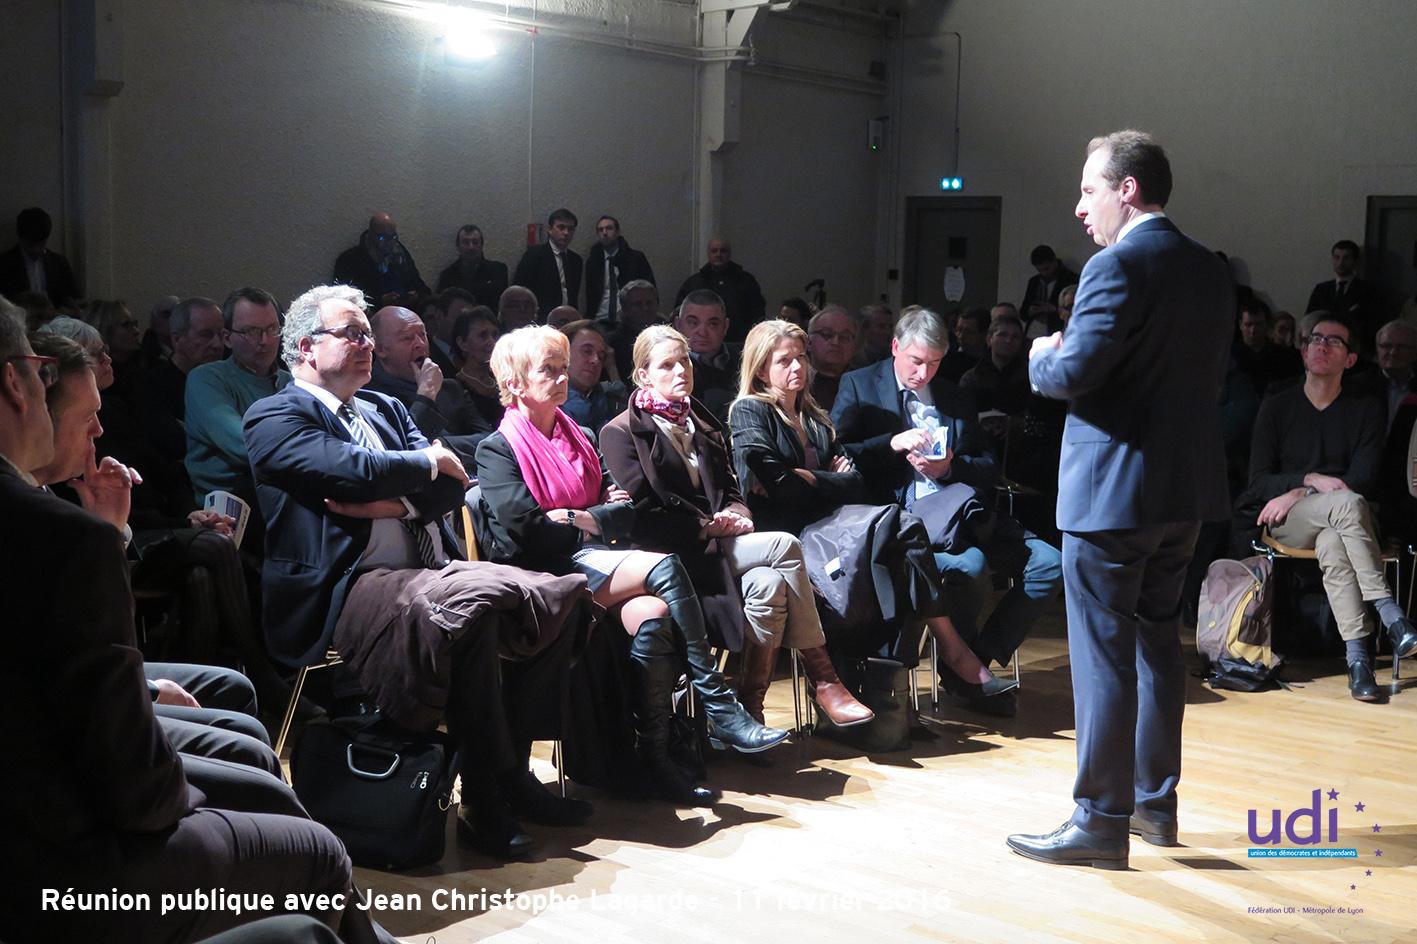 Réunion publique JC LAGARDE - Fédération UDI Métropole de Lyon 15